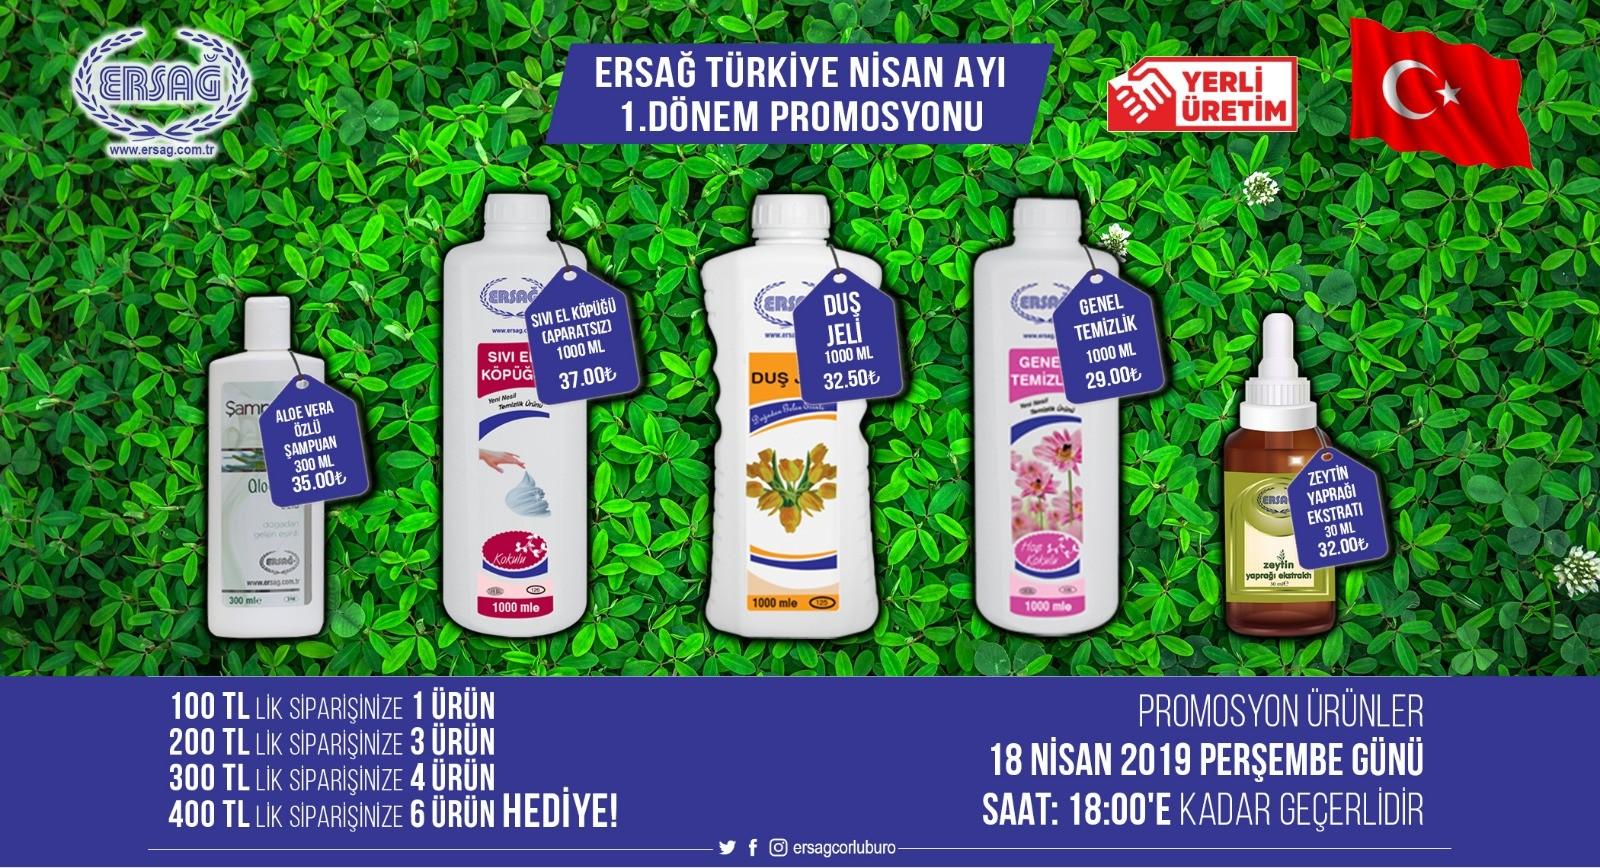 Ersağ Türkiye Geneli Nisan Ayı 1'ci Dönem promosyon Ürünleri 2019